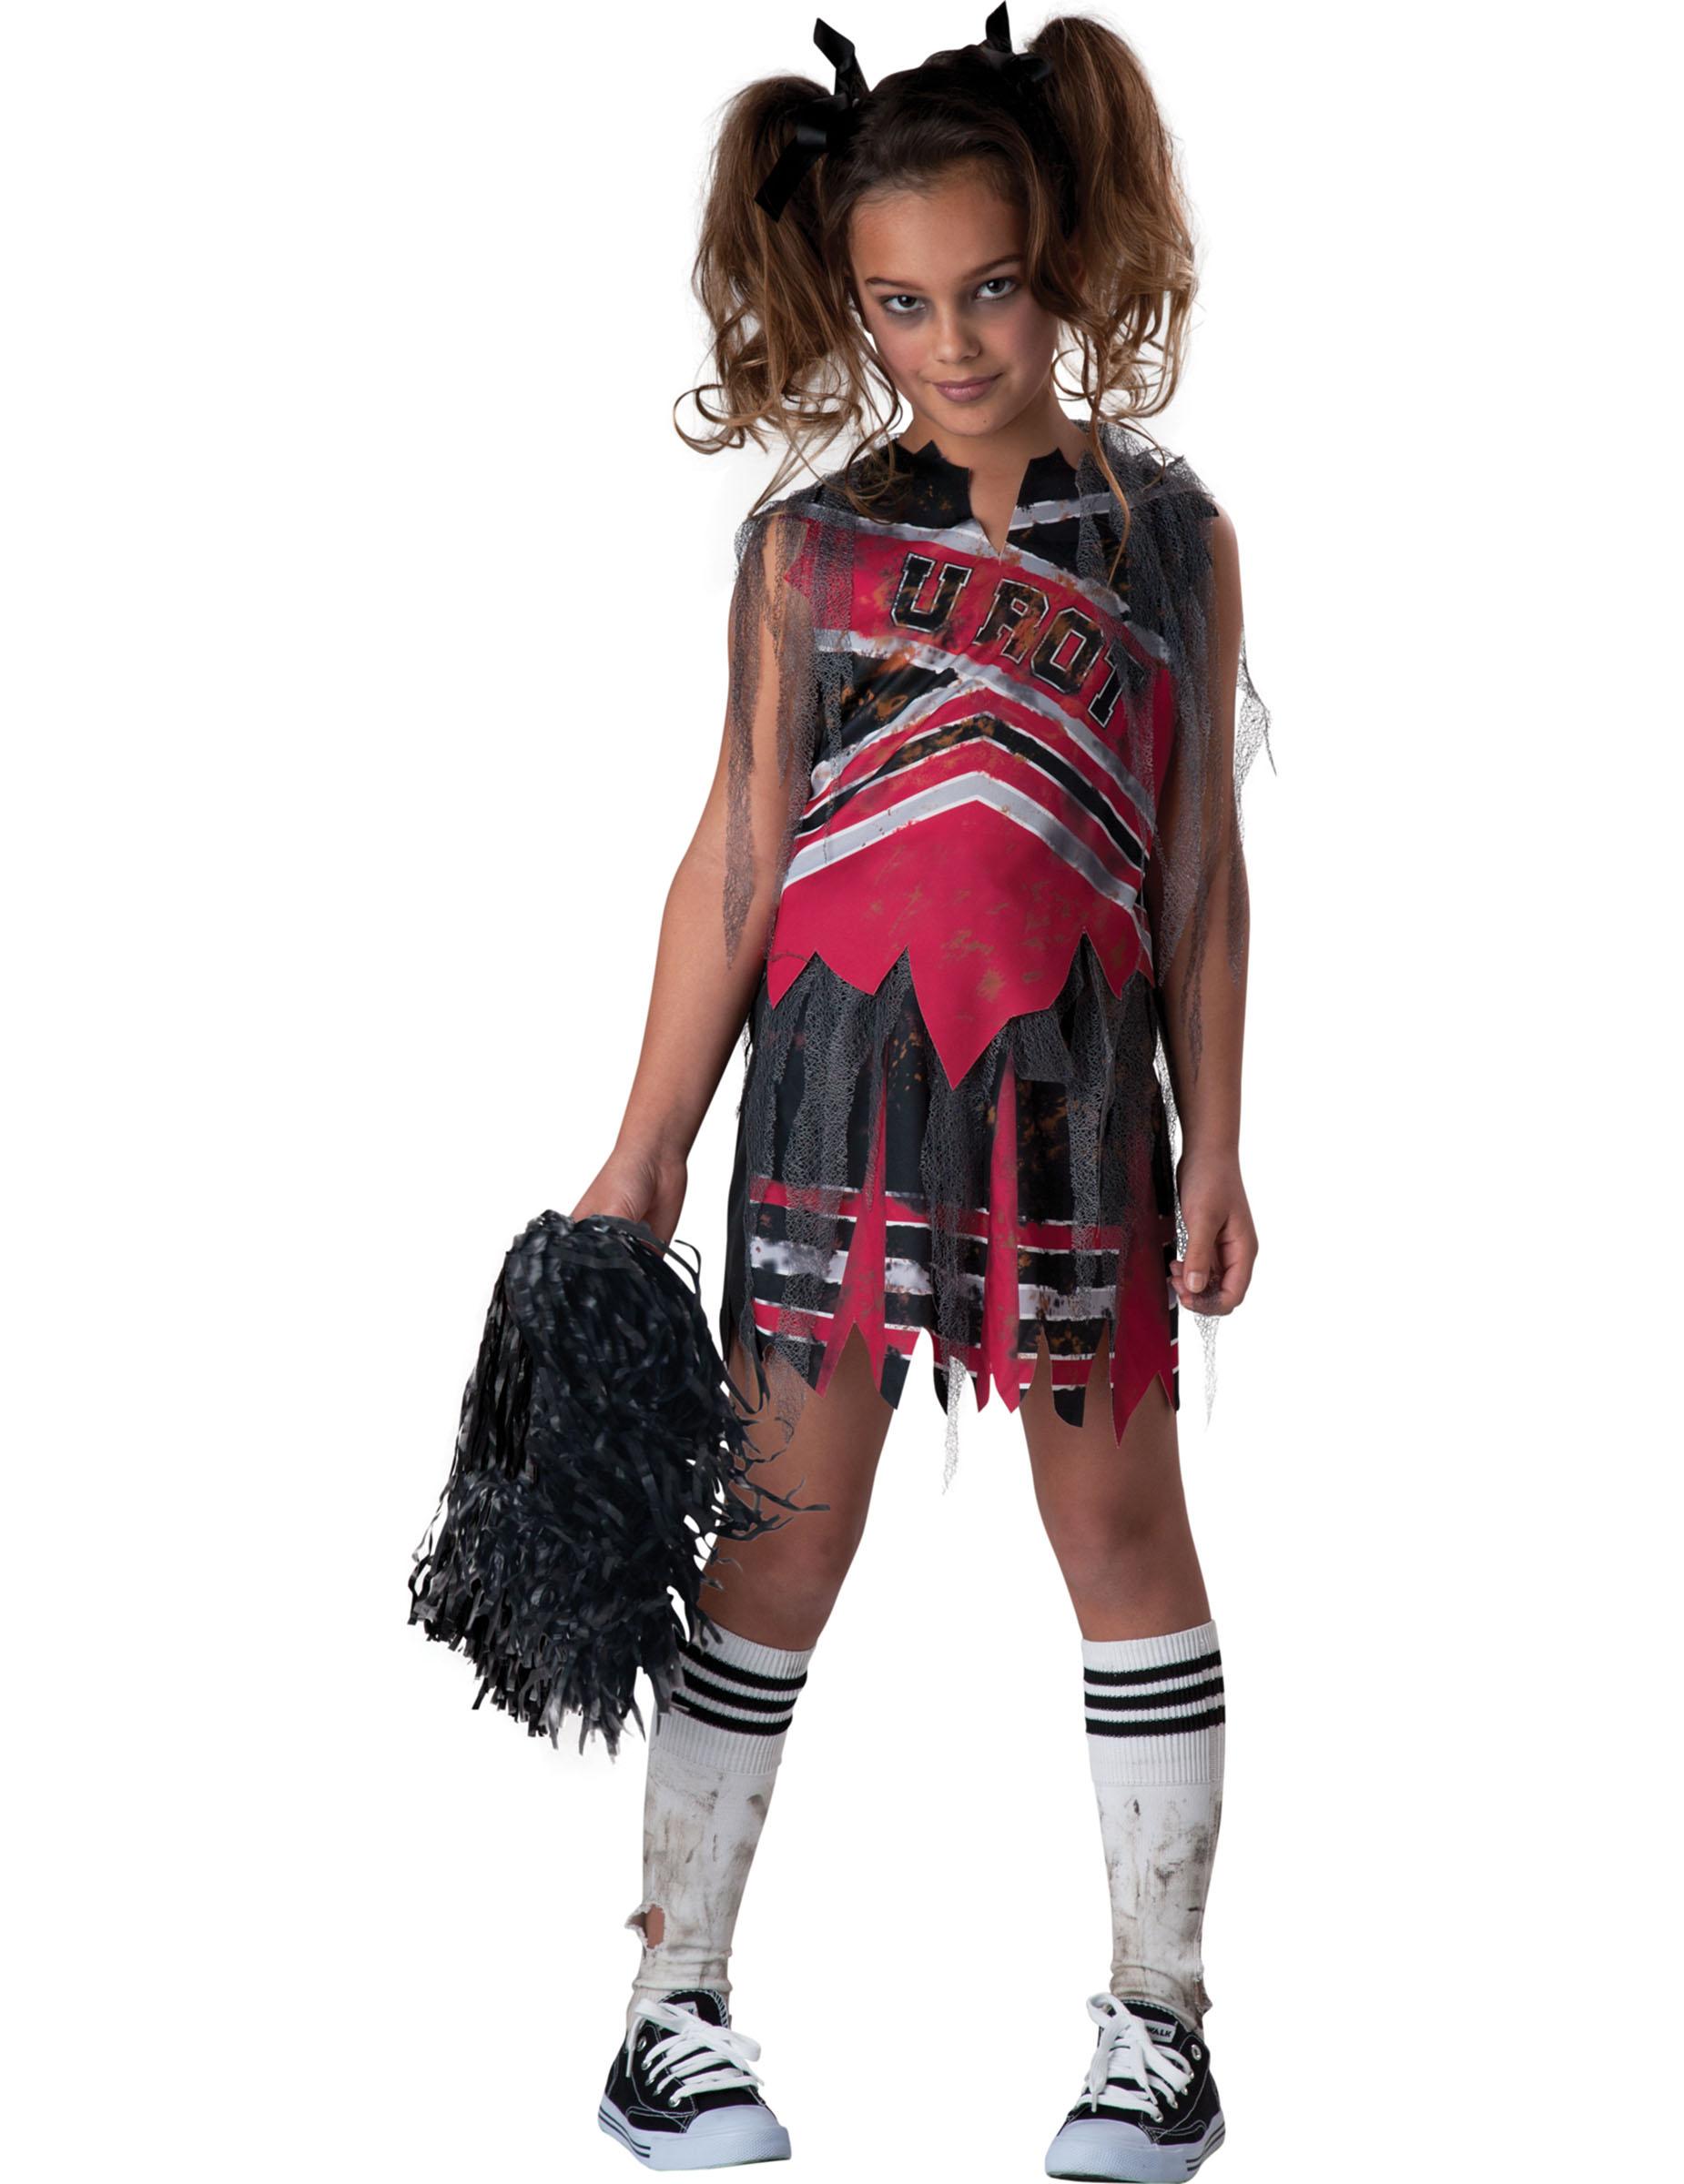 Voorkeur Zombie kostuum & mummies verkleedkleren voor Halloween #IR95